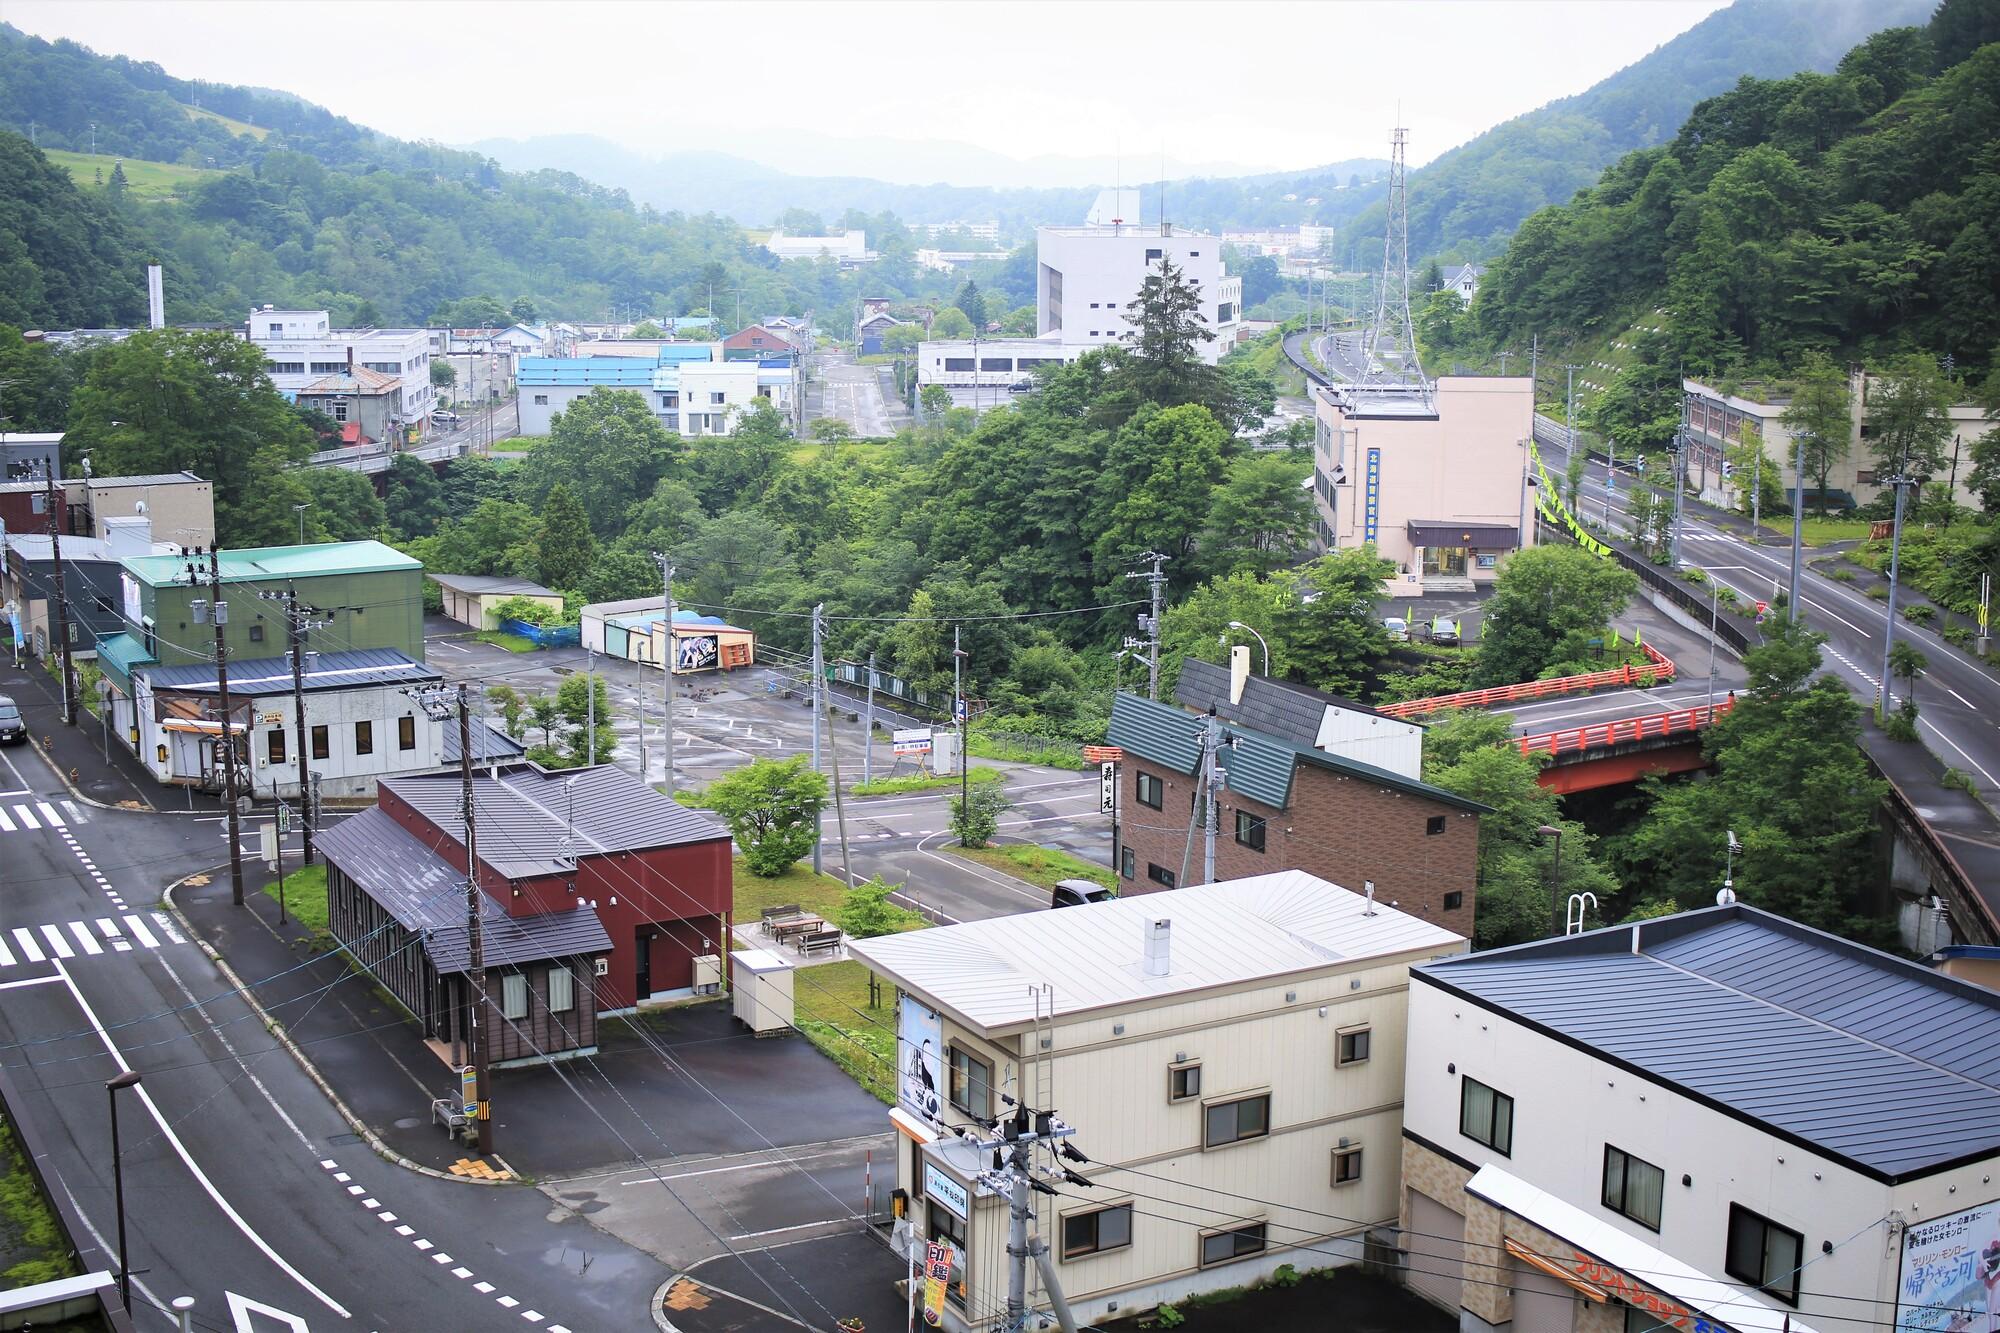 夕張市・市街地風景(北海道夕張市)